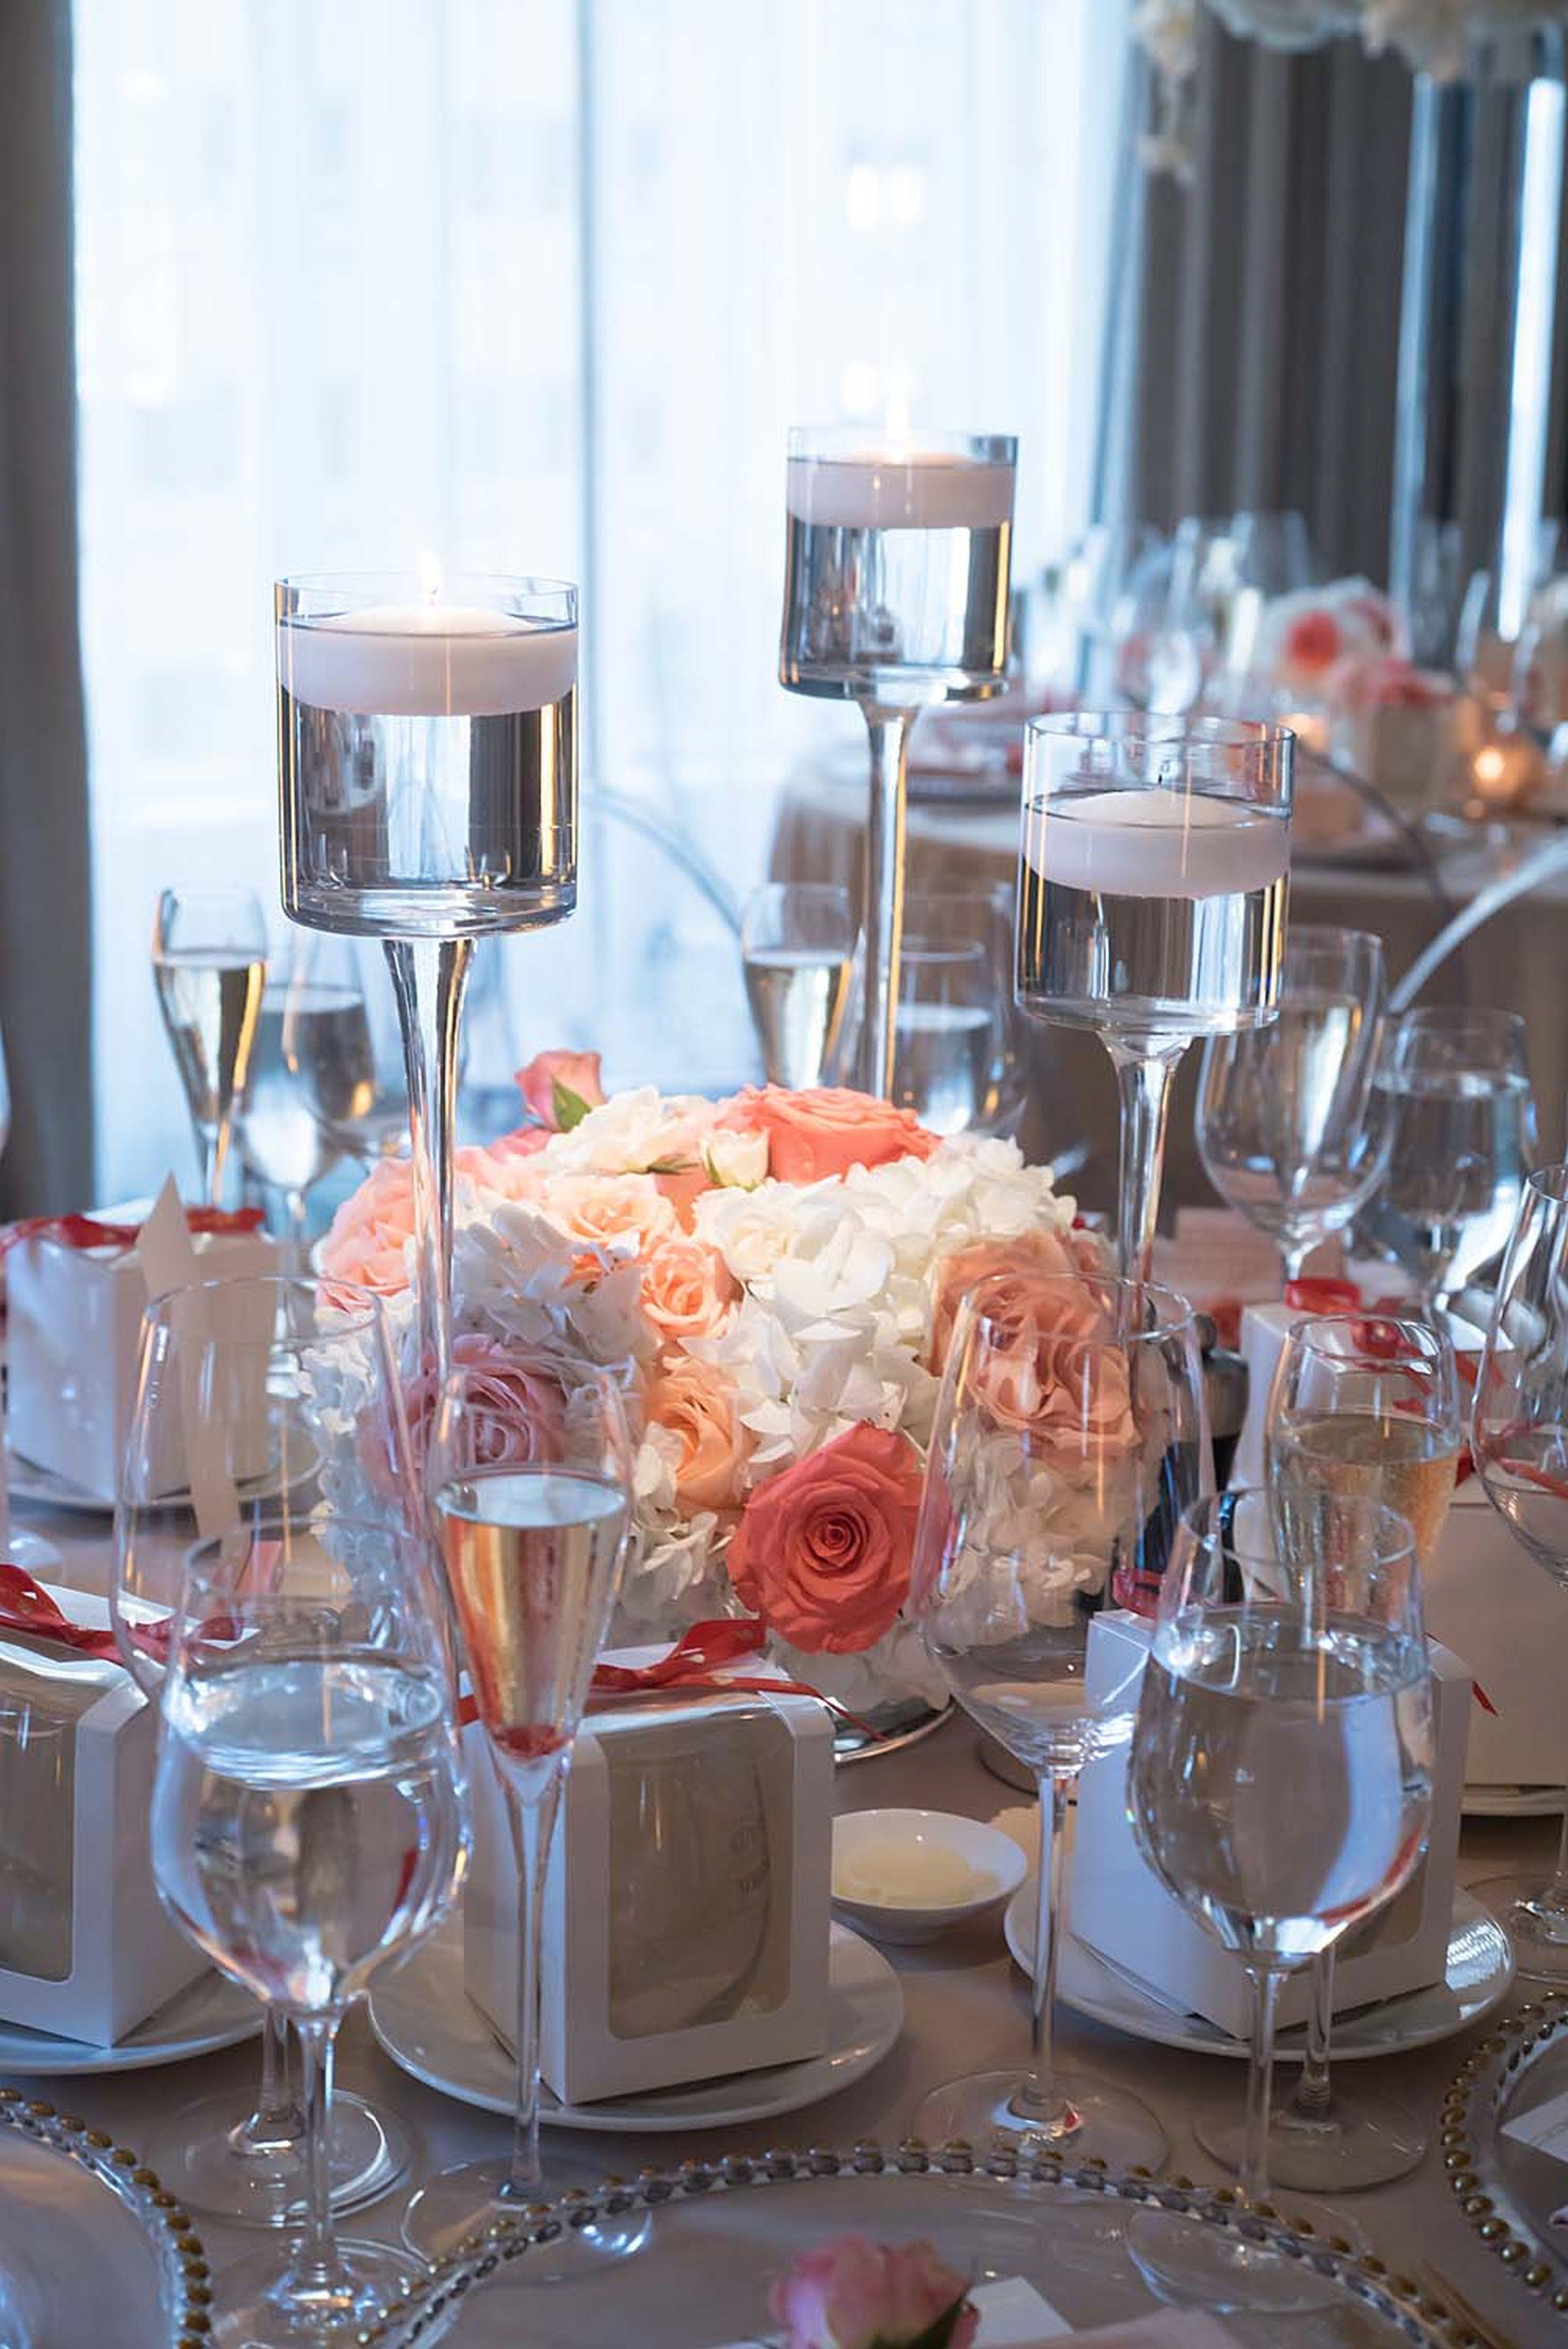 waldorf-astoria-chicago-wedding-regine-danielle-events-76